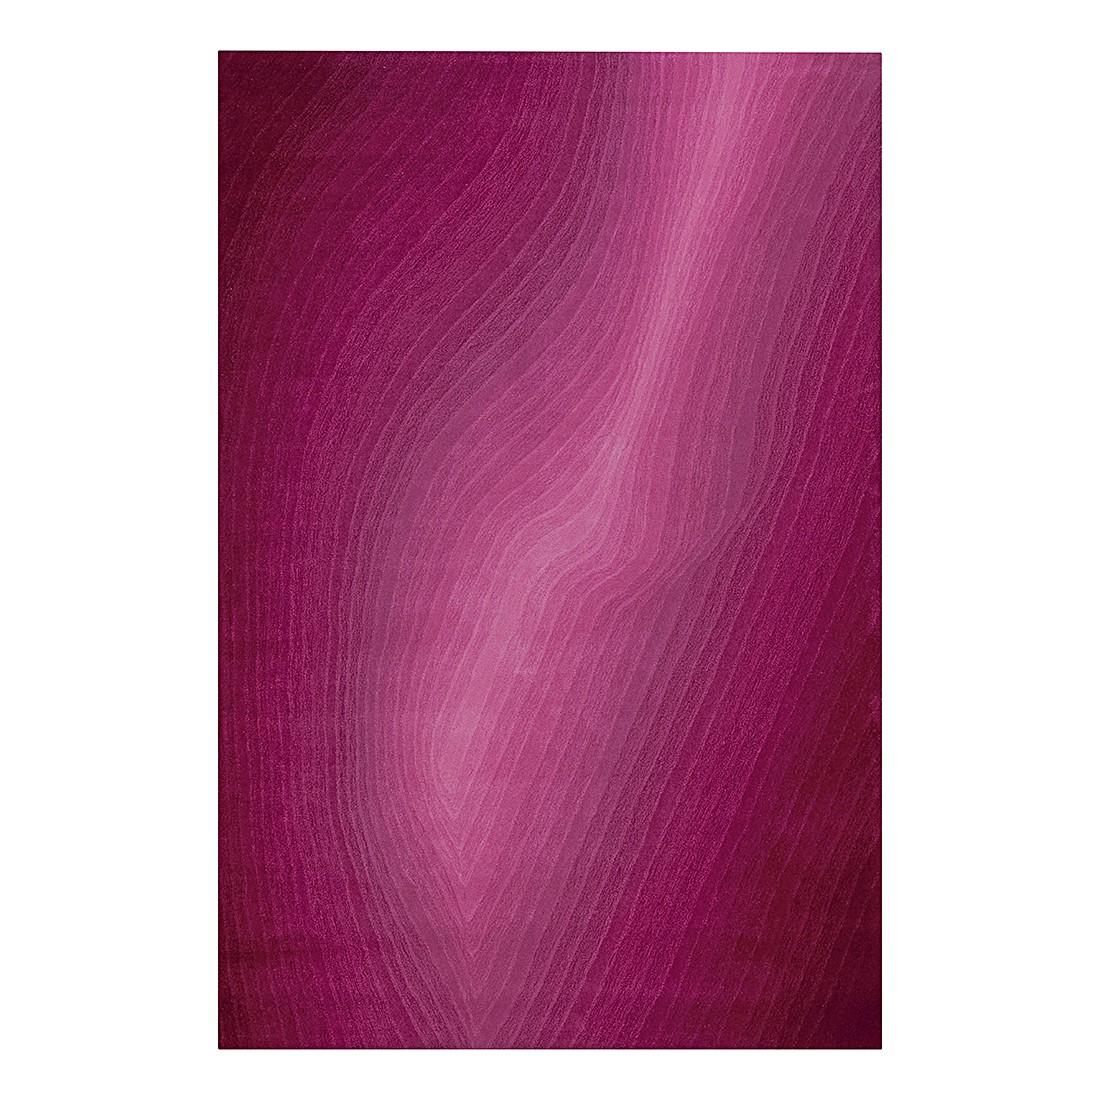 Teppich Skyline – Violett – 140 x 70 cm, Talis Teppiche günstig bestellen